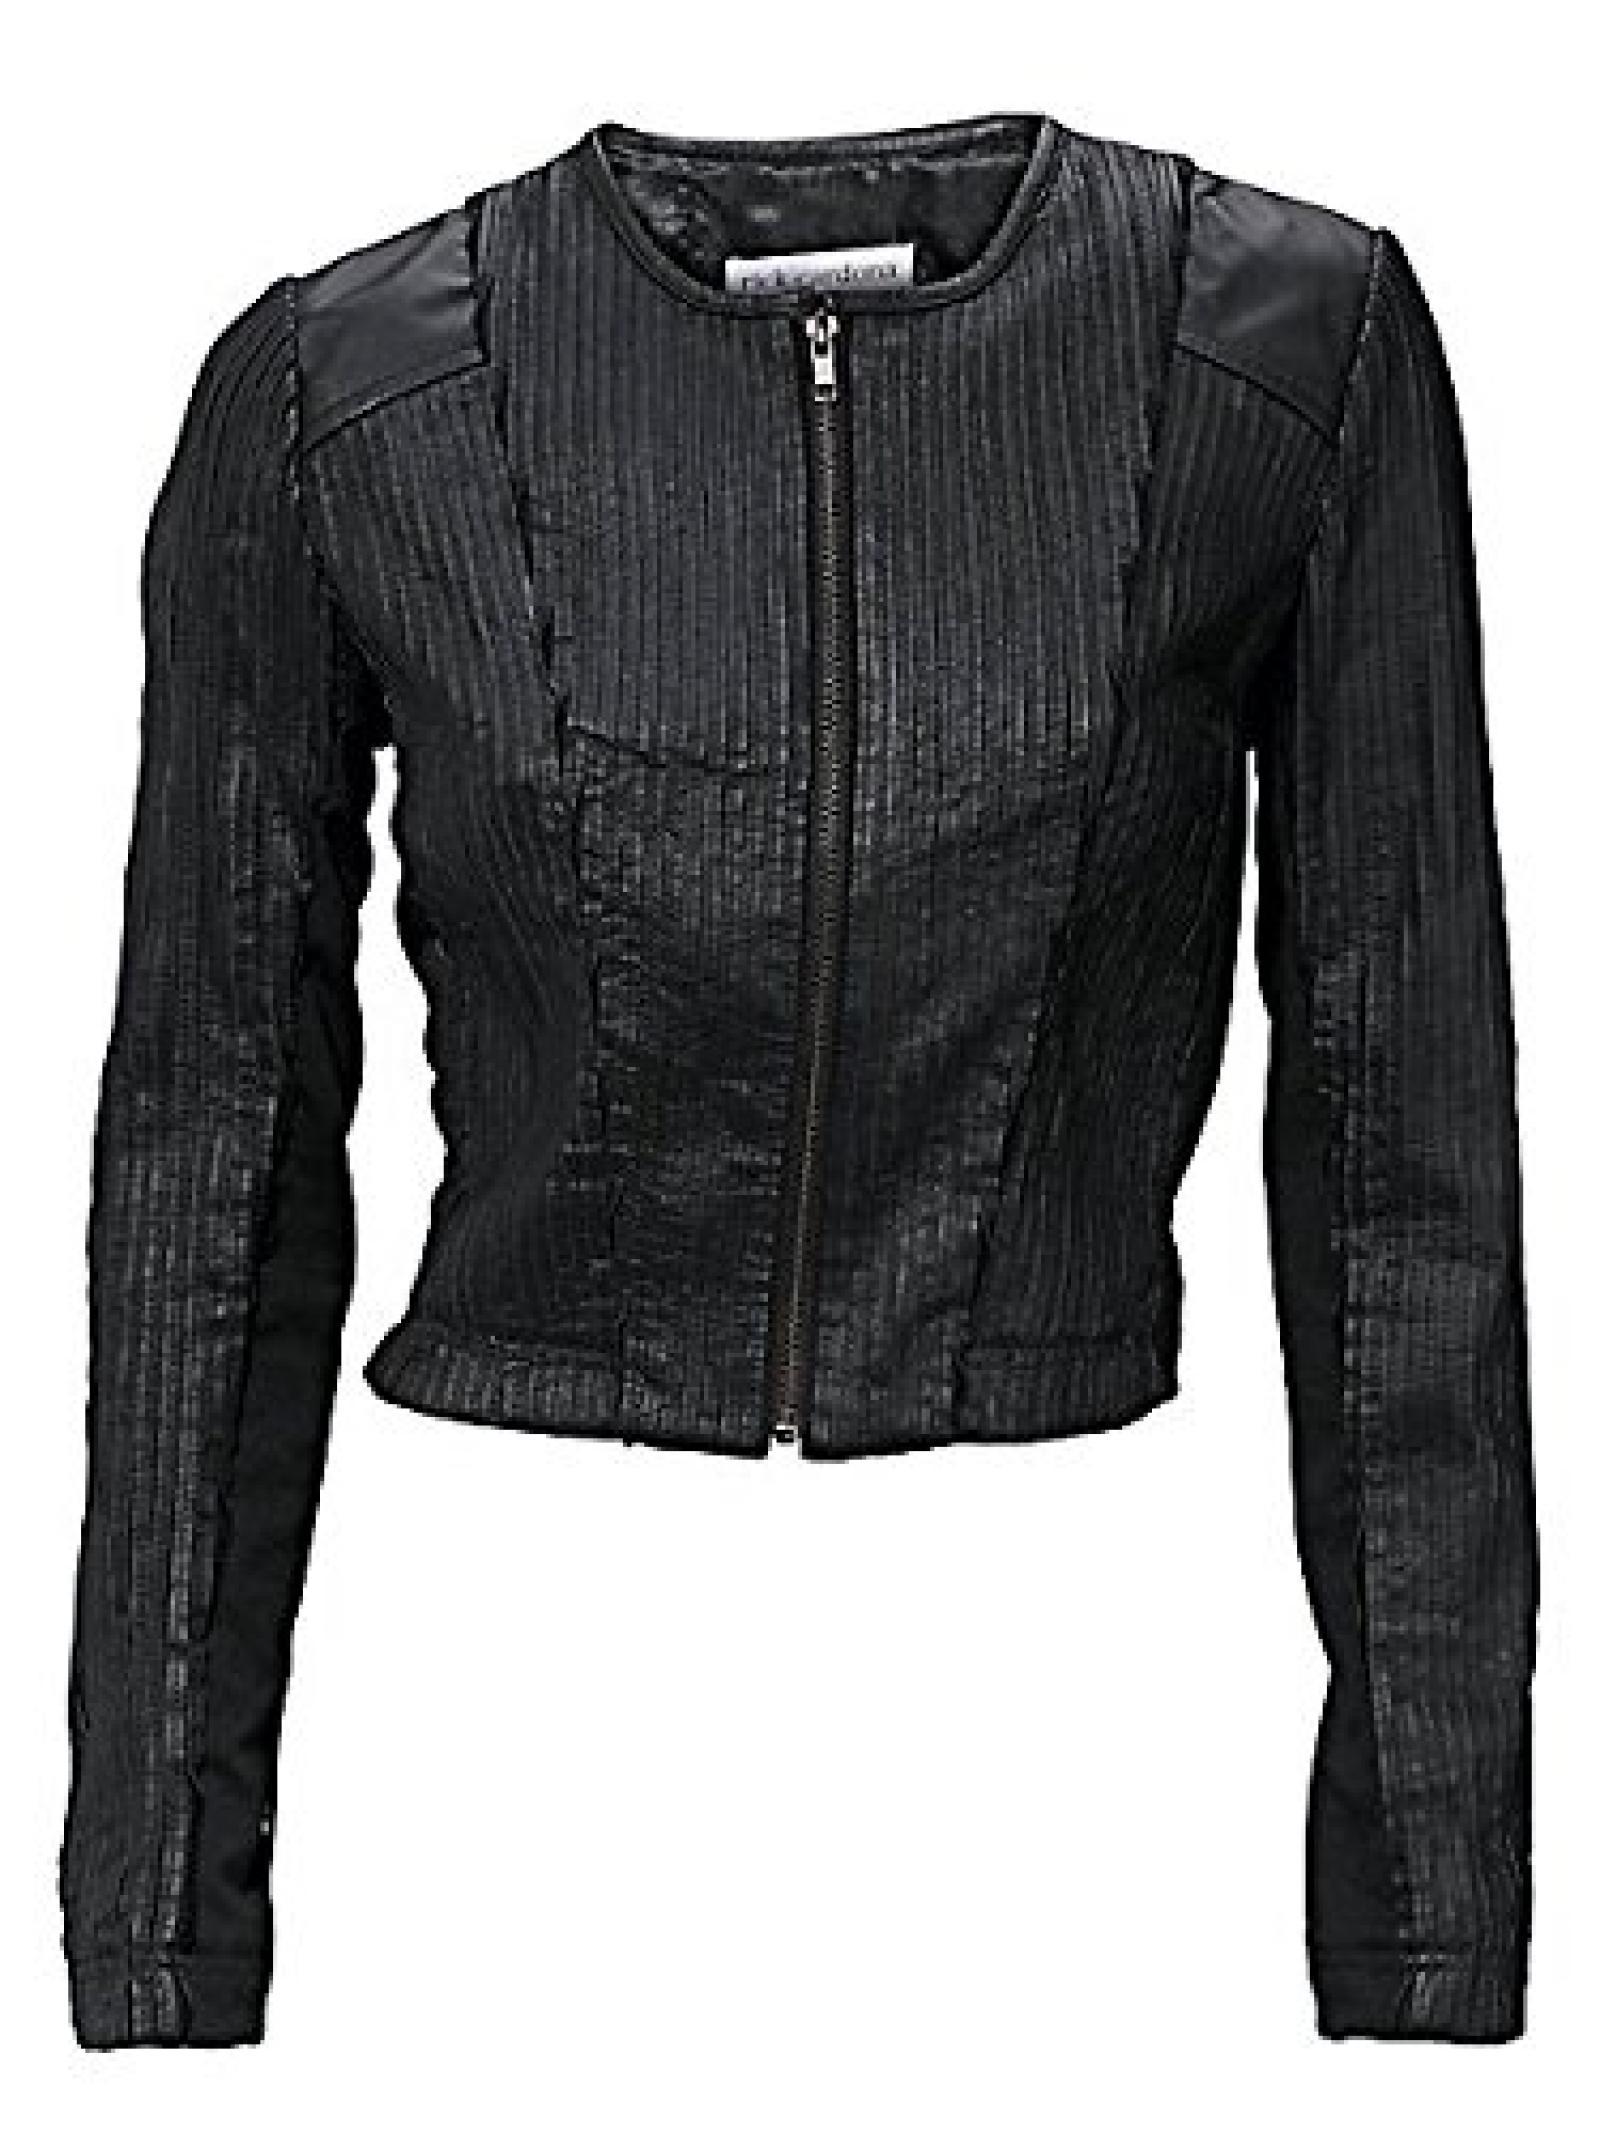 Damen RICK CARDONA Lederjacke in schwarz - Größe: 46